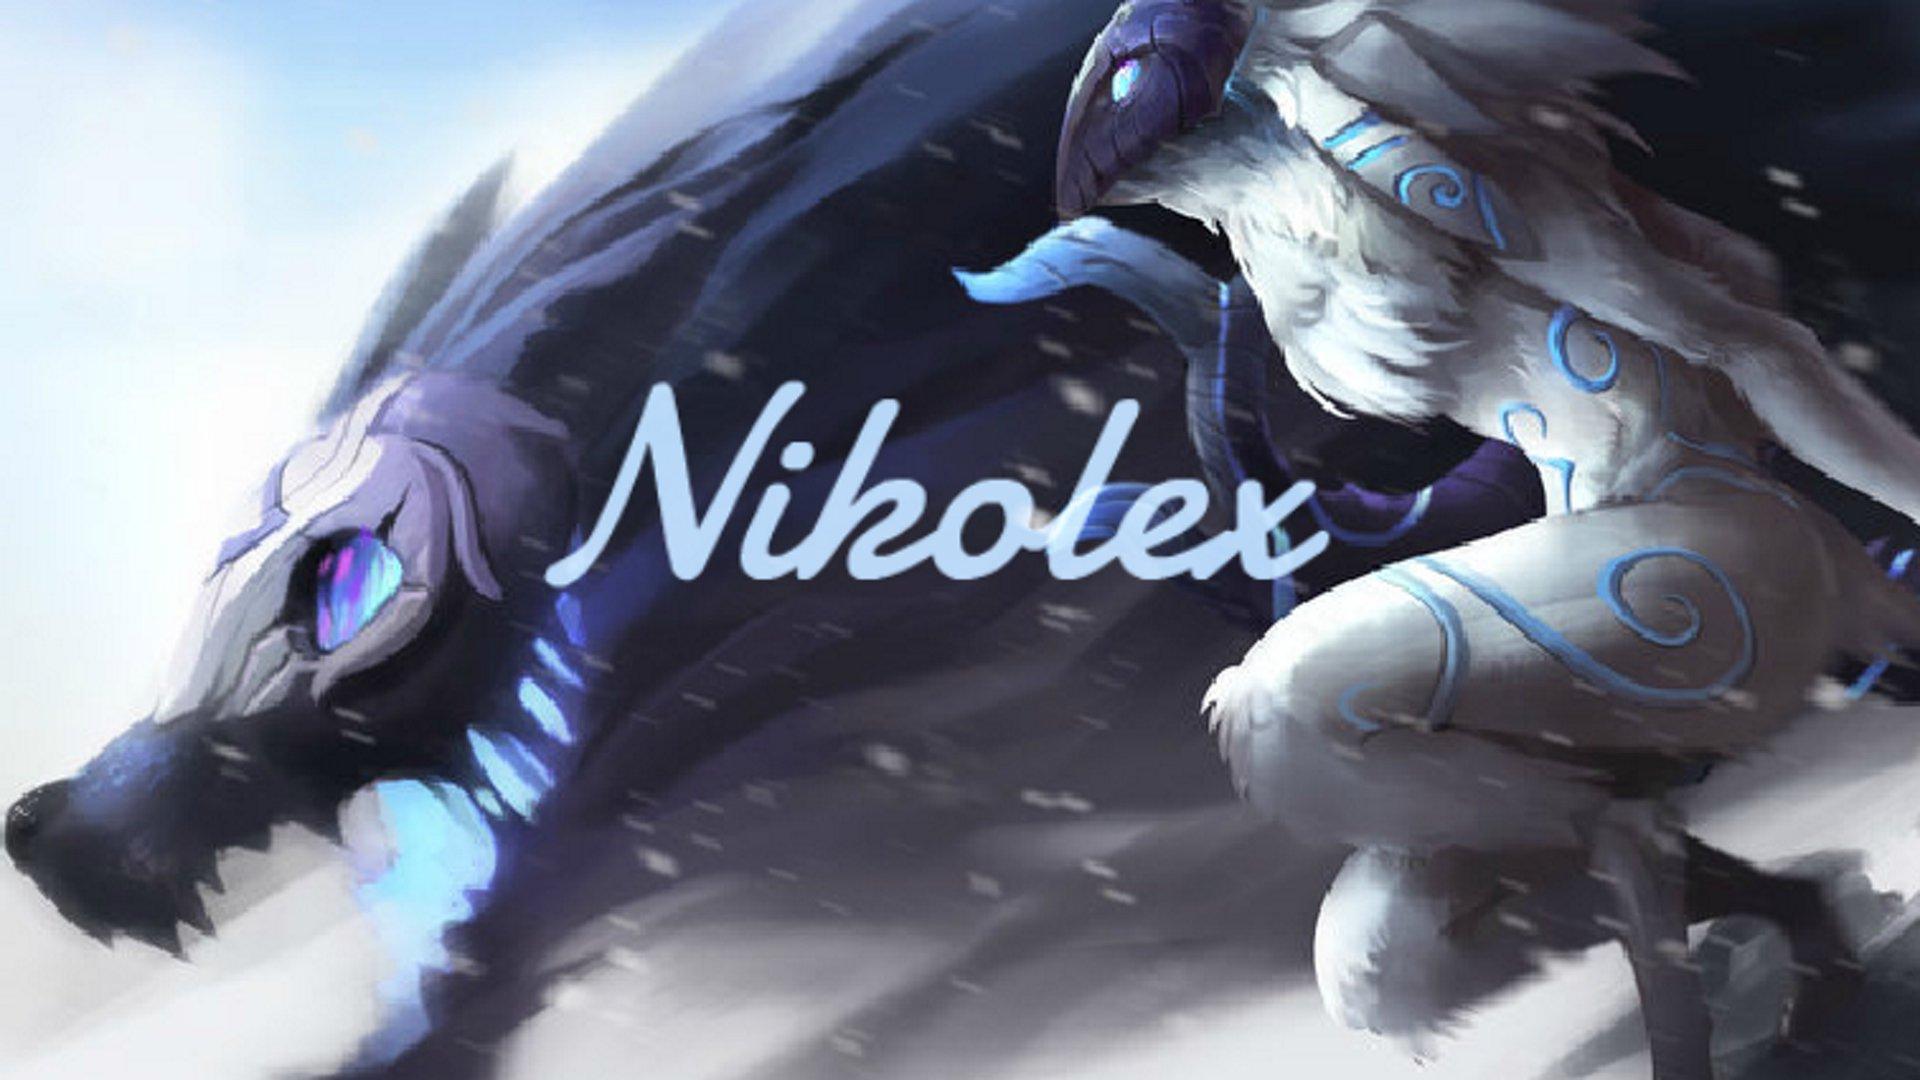 Twitch stream of Nikolex7